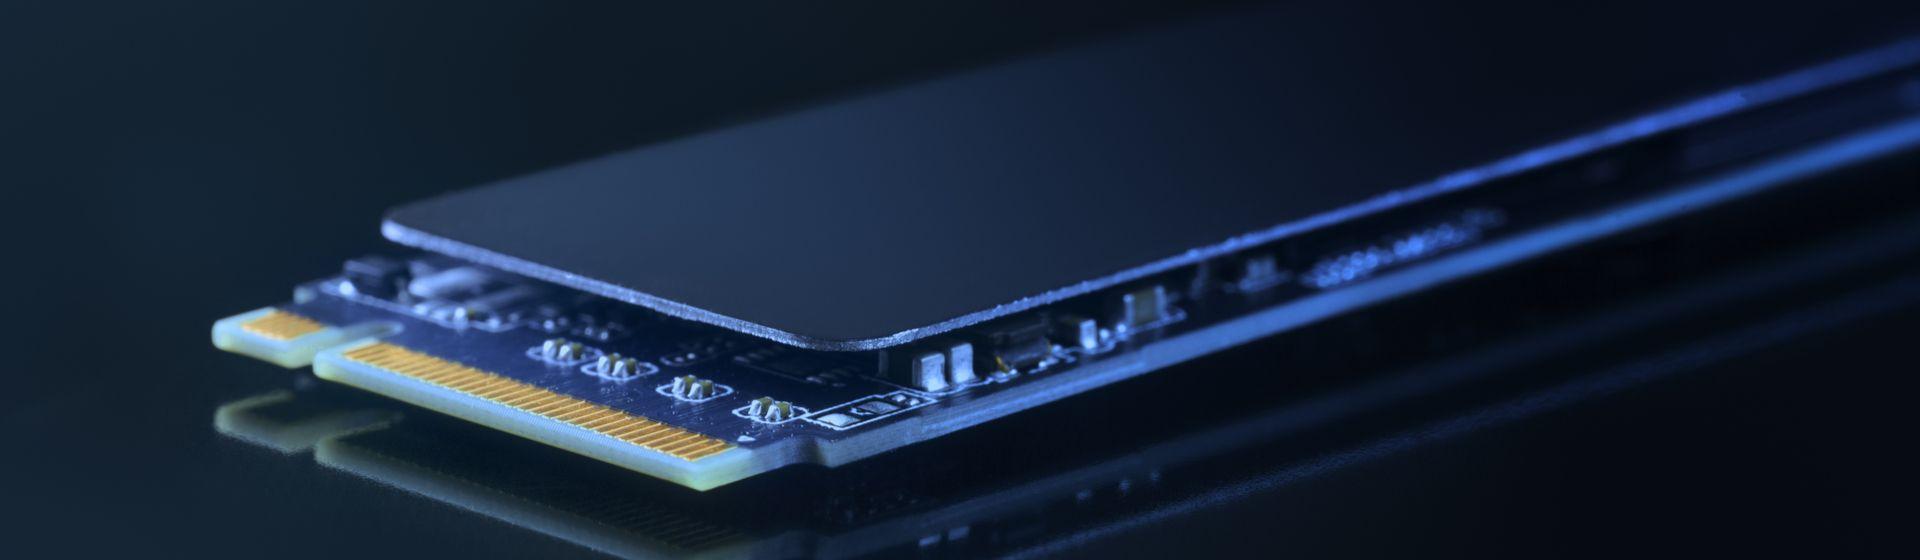 Melhor SSD 240GB: 9 opções de várias marcas